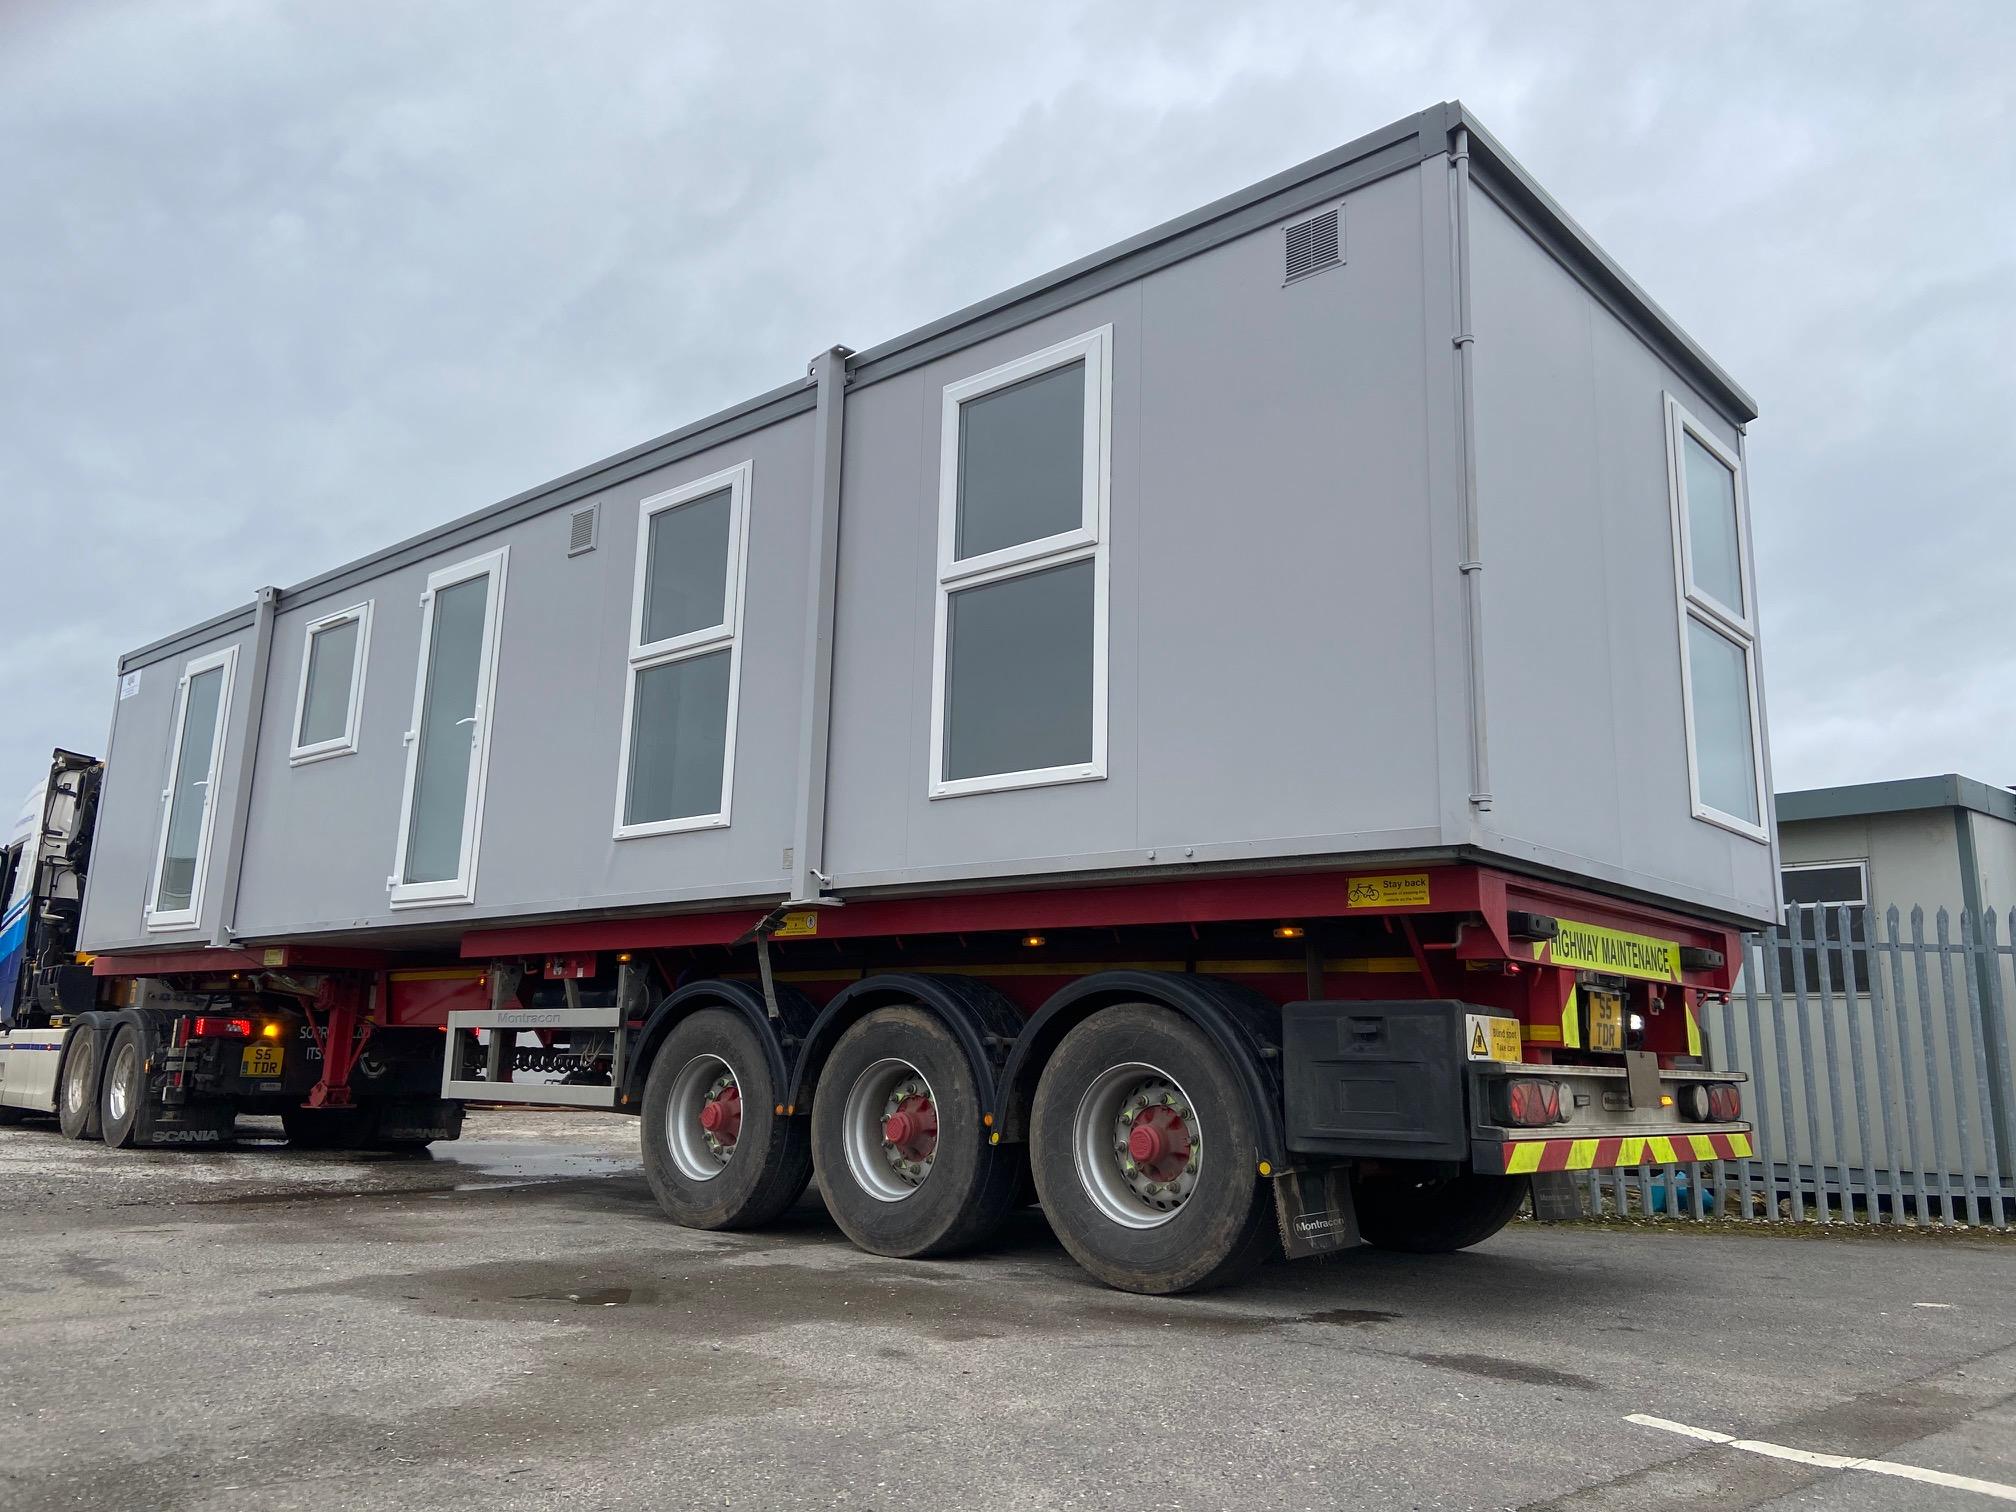 40' x 10' Portakabin after refurbishment, transport